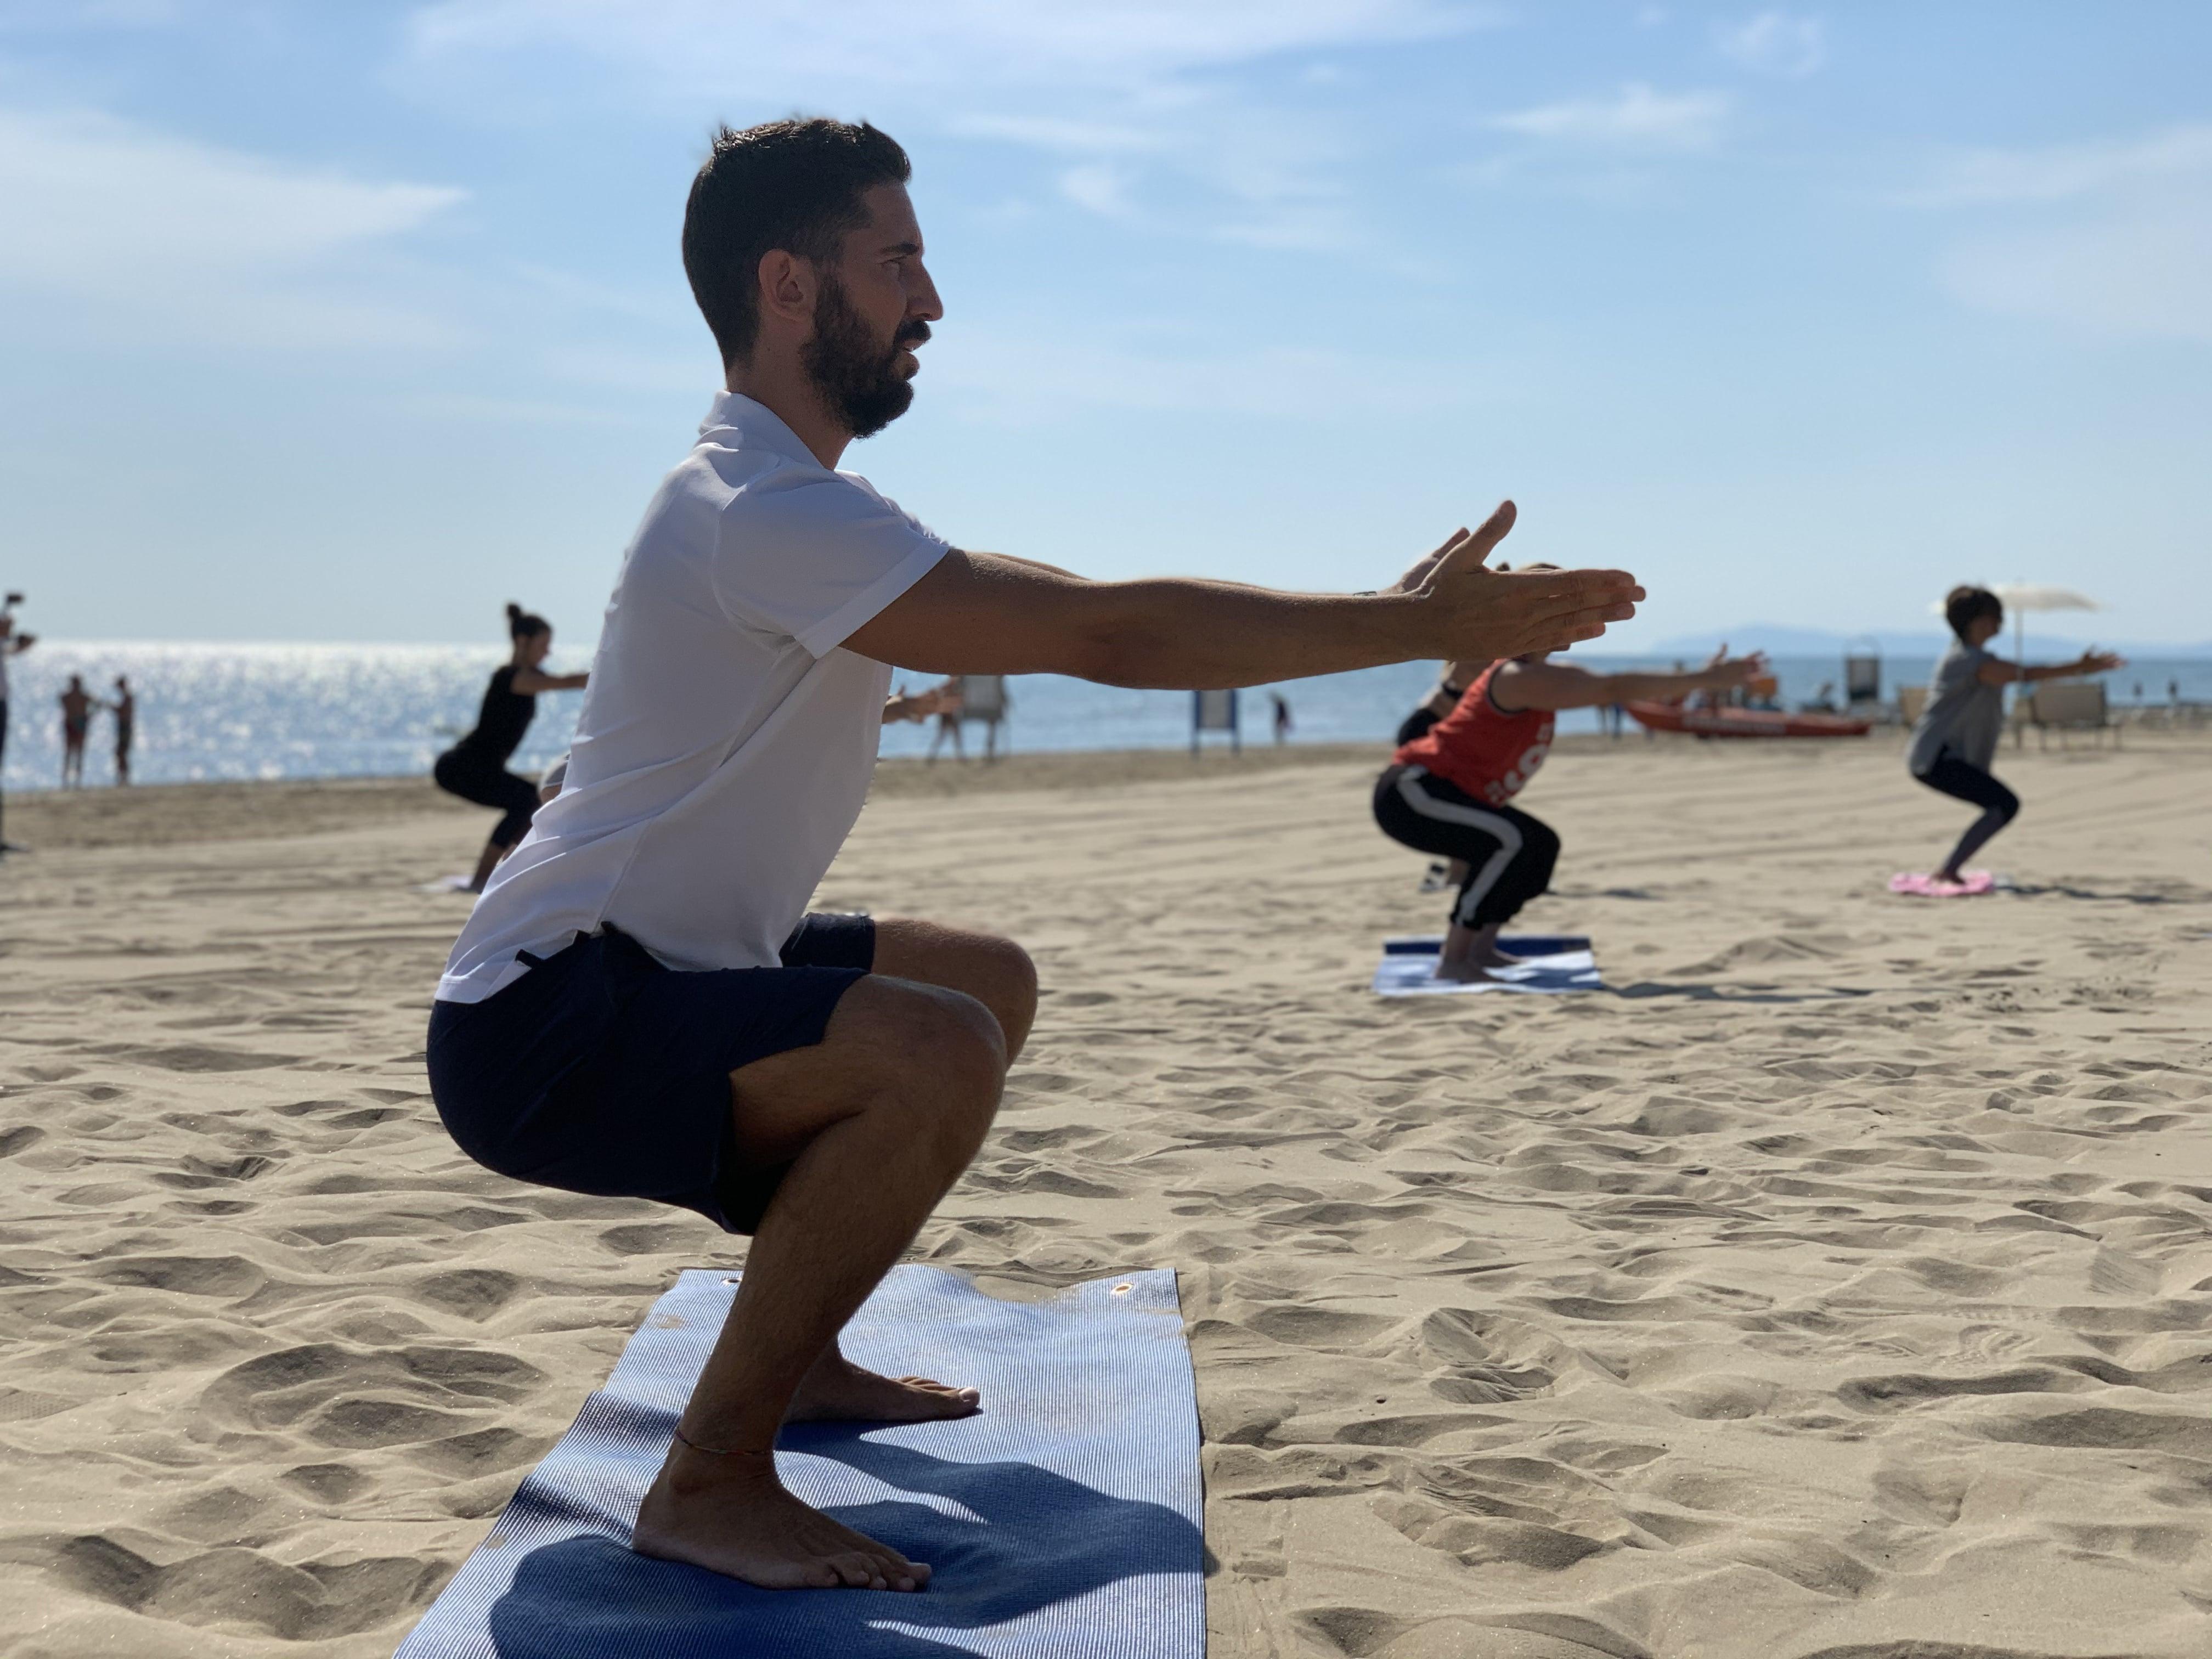 Riscopri le tue potenzialità con il pilates di Davide Curradi - Davide Curradi - Istruttore di pilates in Rimini